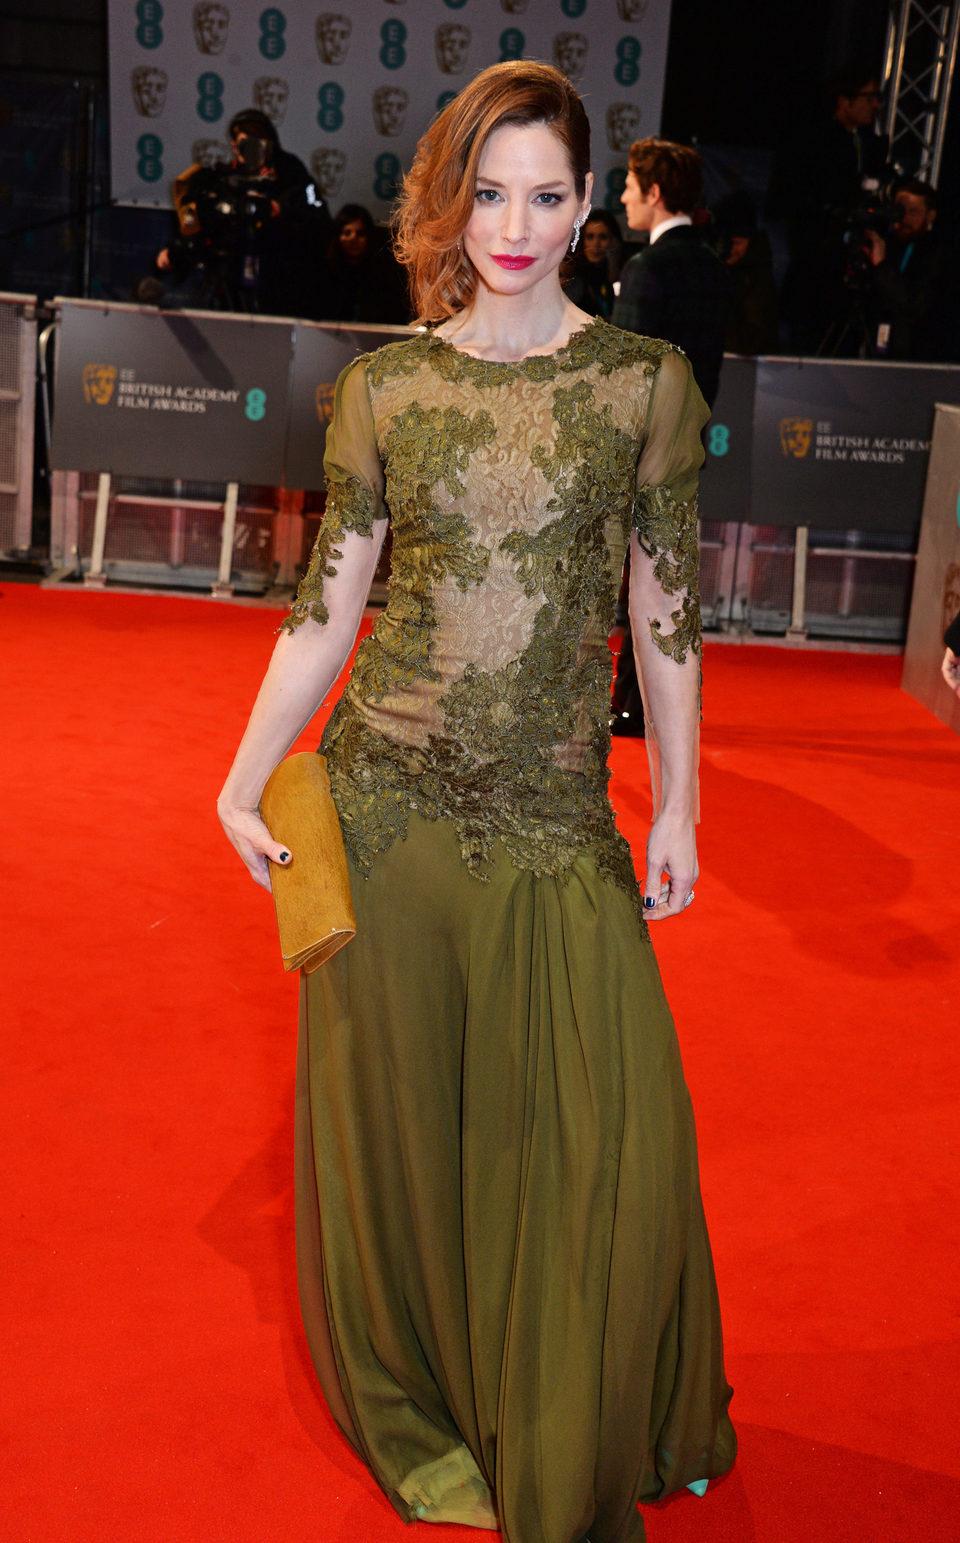 Sienna Guillory en los Premios BAFTA 2015